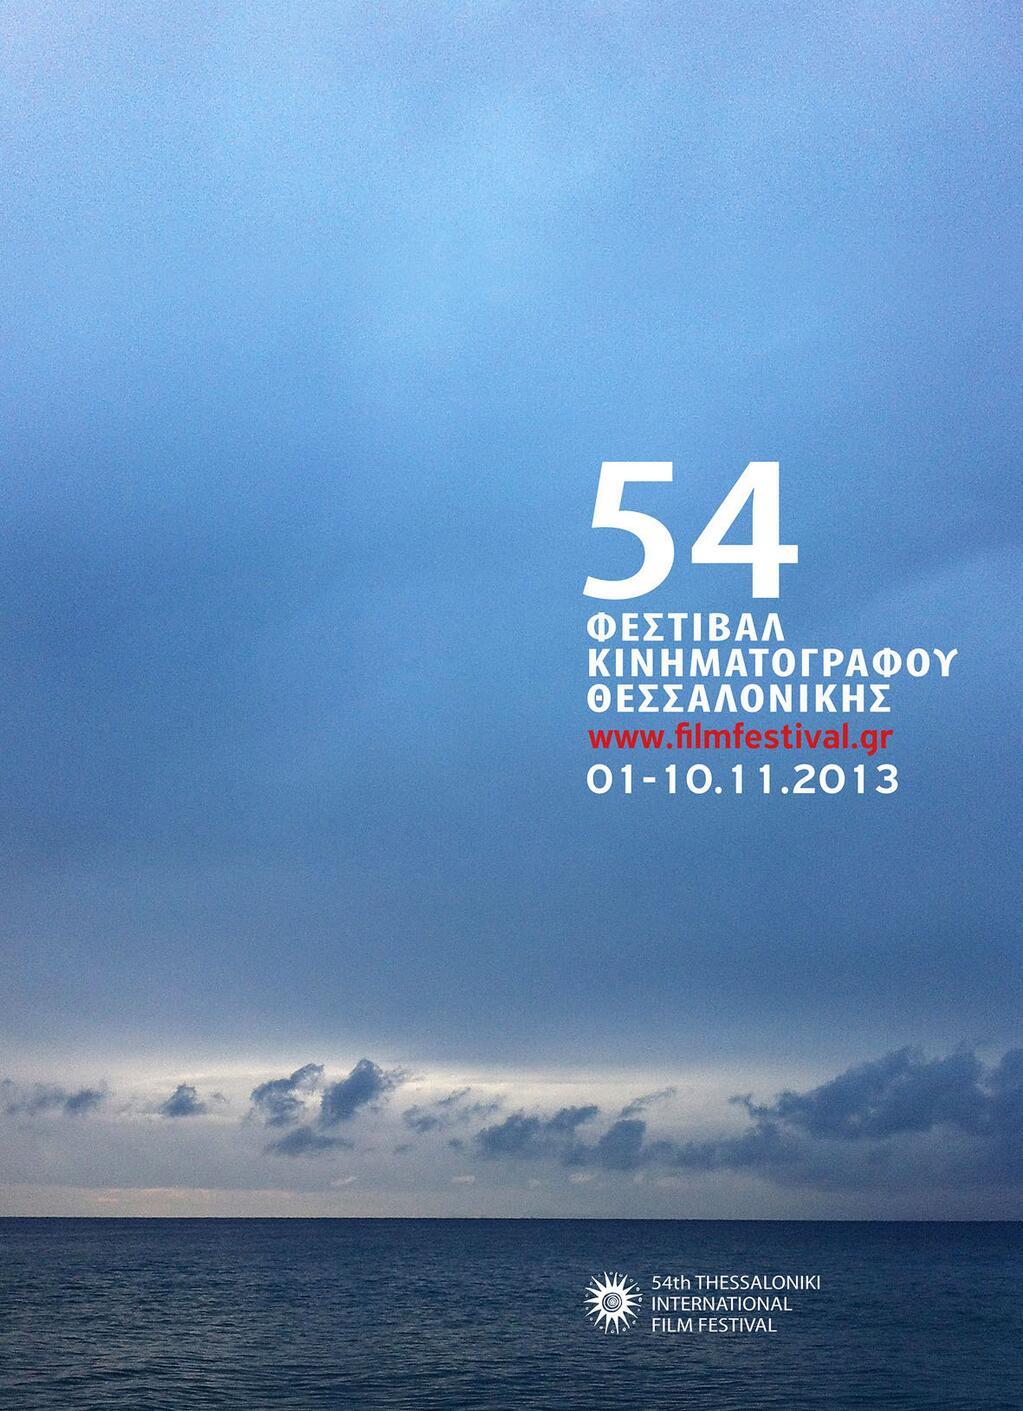 Thessaloniki 54